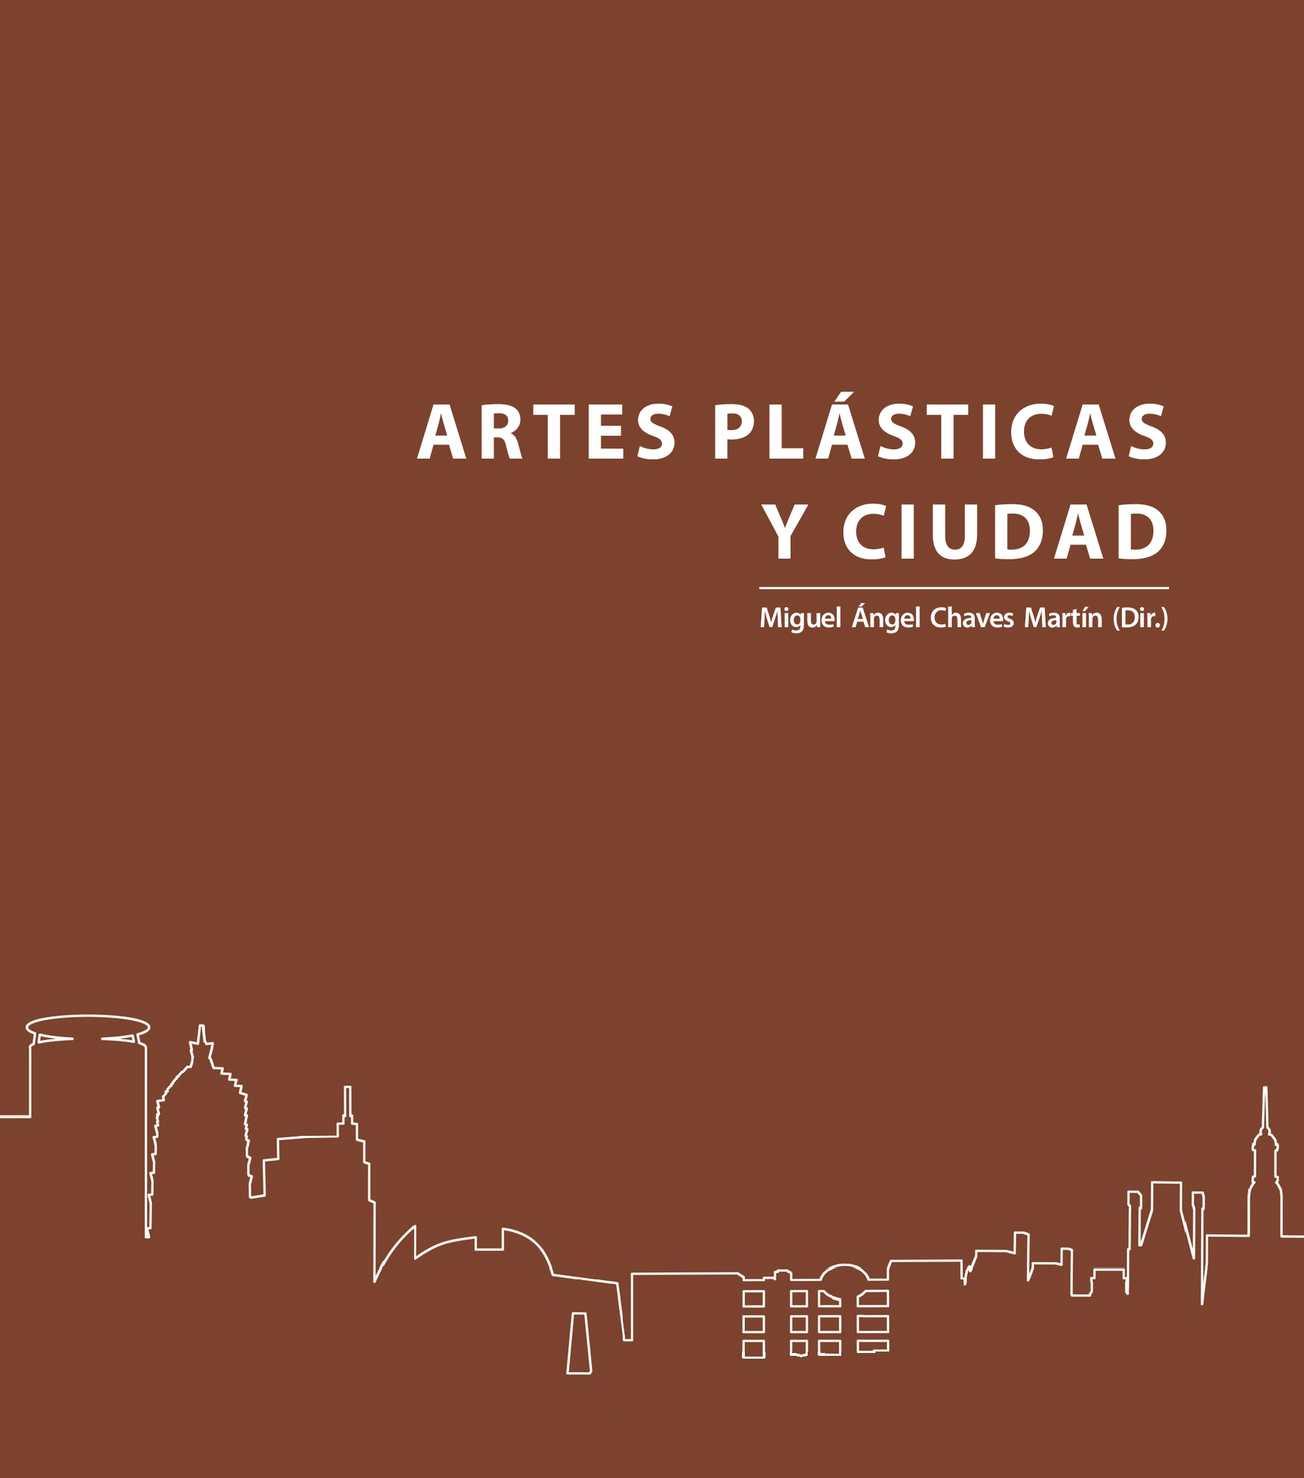 Calaméo - Artes plásticas y Ciudad